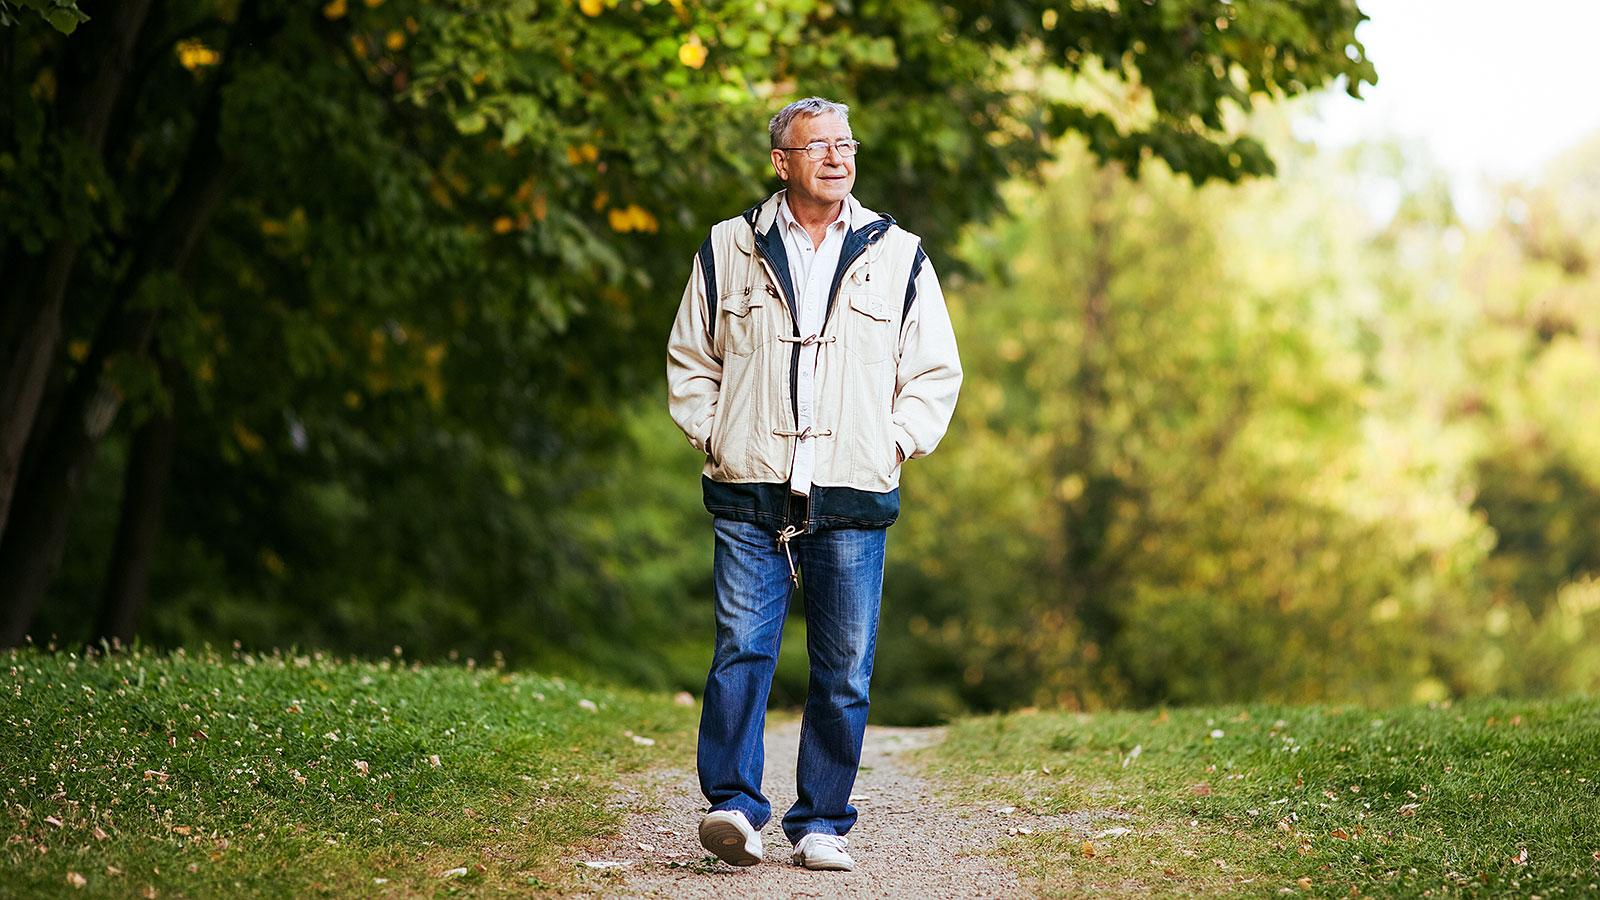 картинка гуляющего человека верхних горизонтов разреза